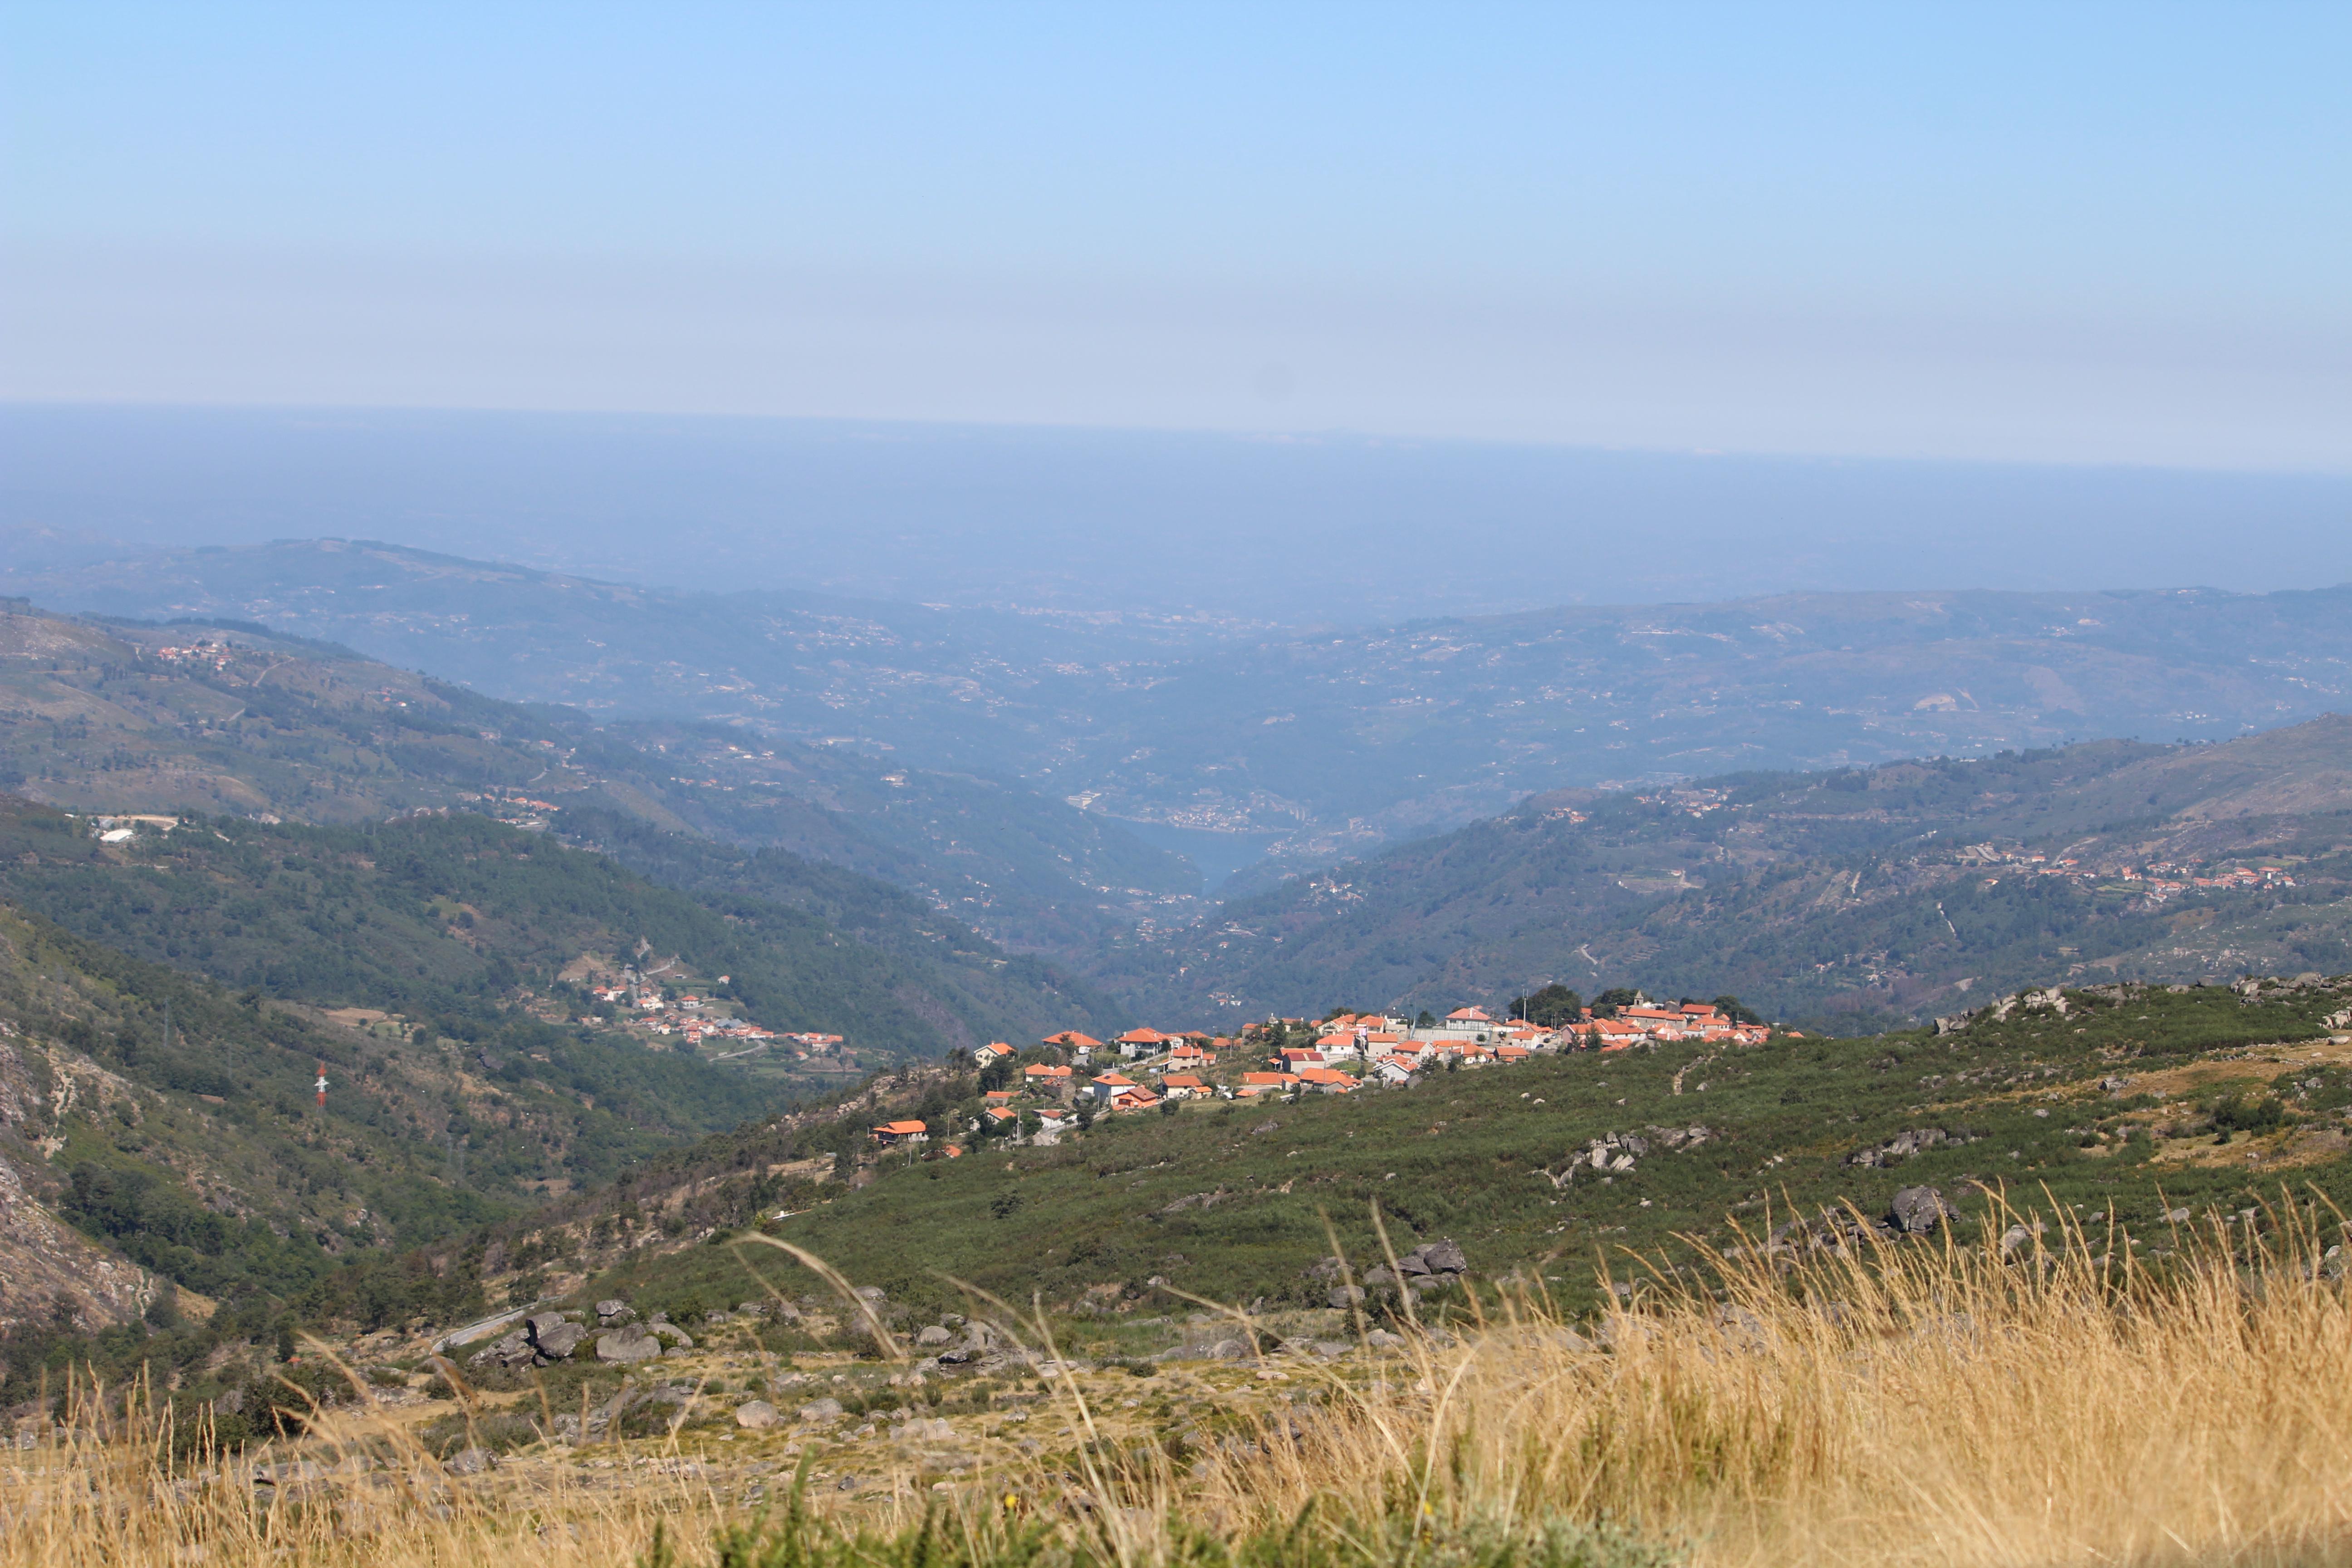 Alhões com o vale do Bestança em fundo. Setembro de 2019.